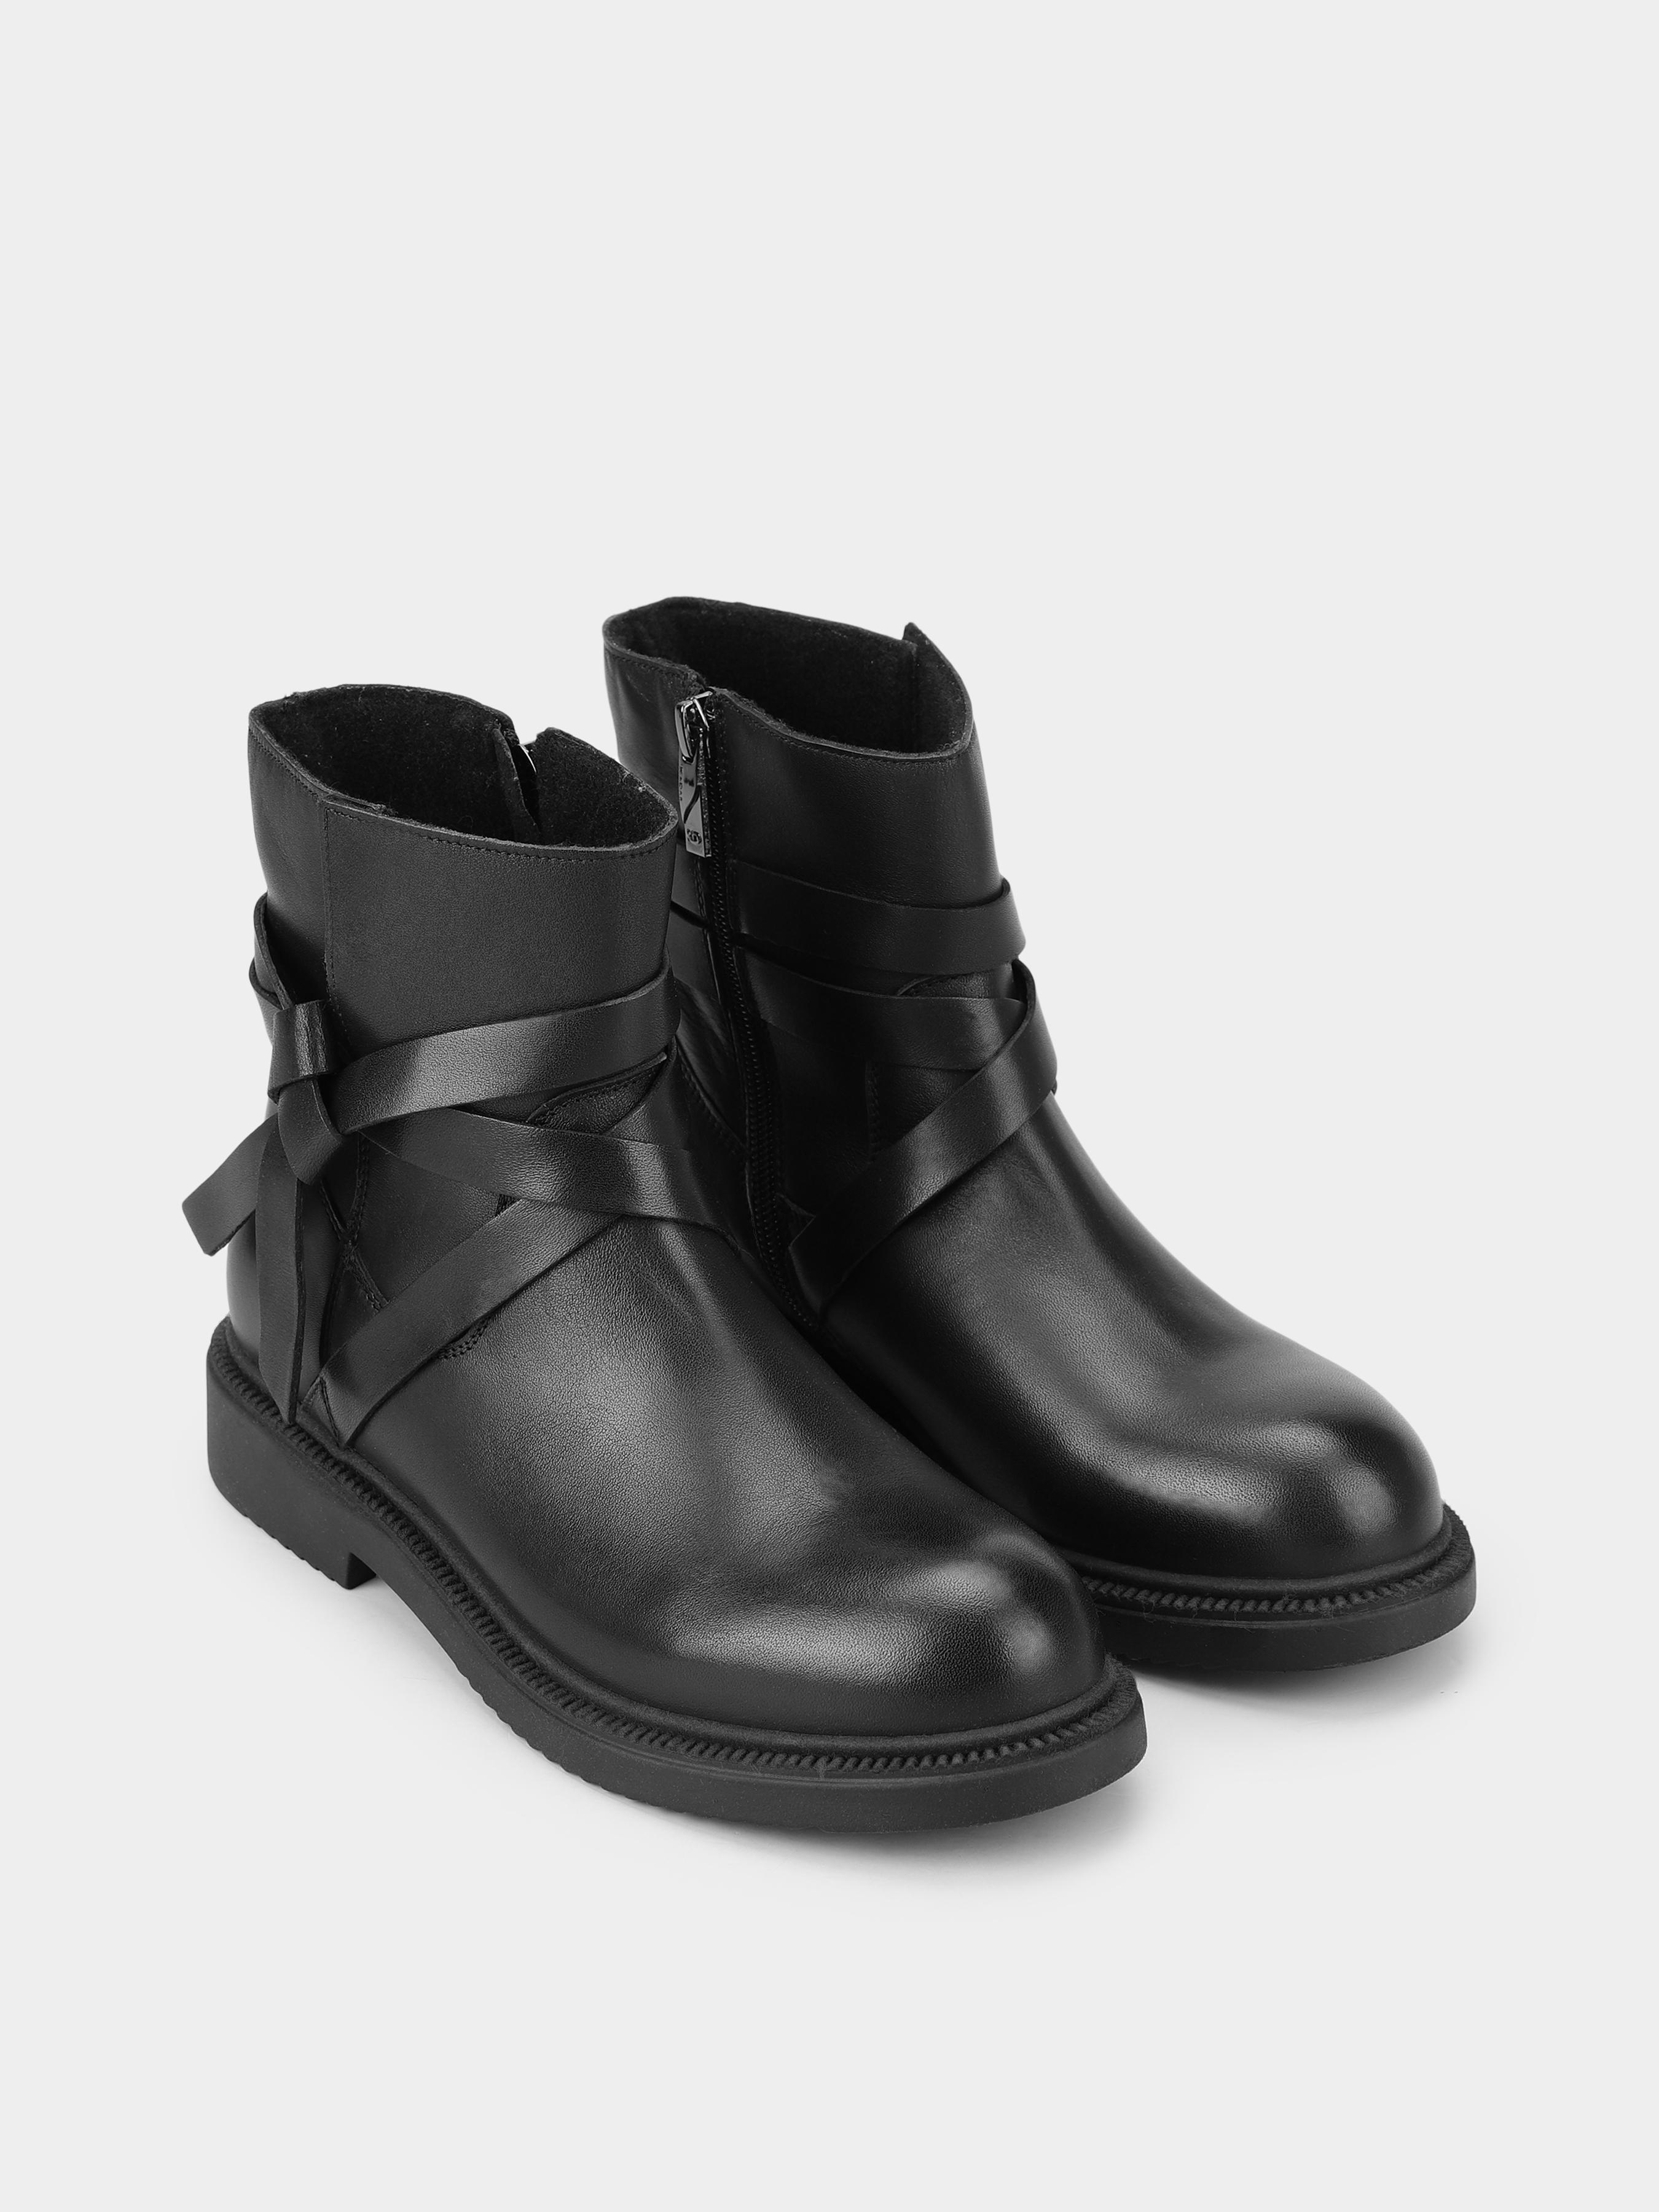 Ботинки для женщин KADAR 5K15 цена, 2017